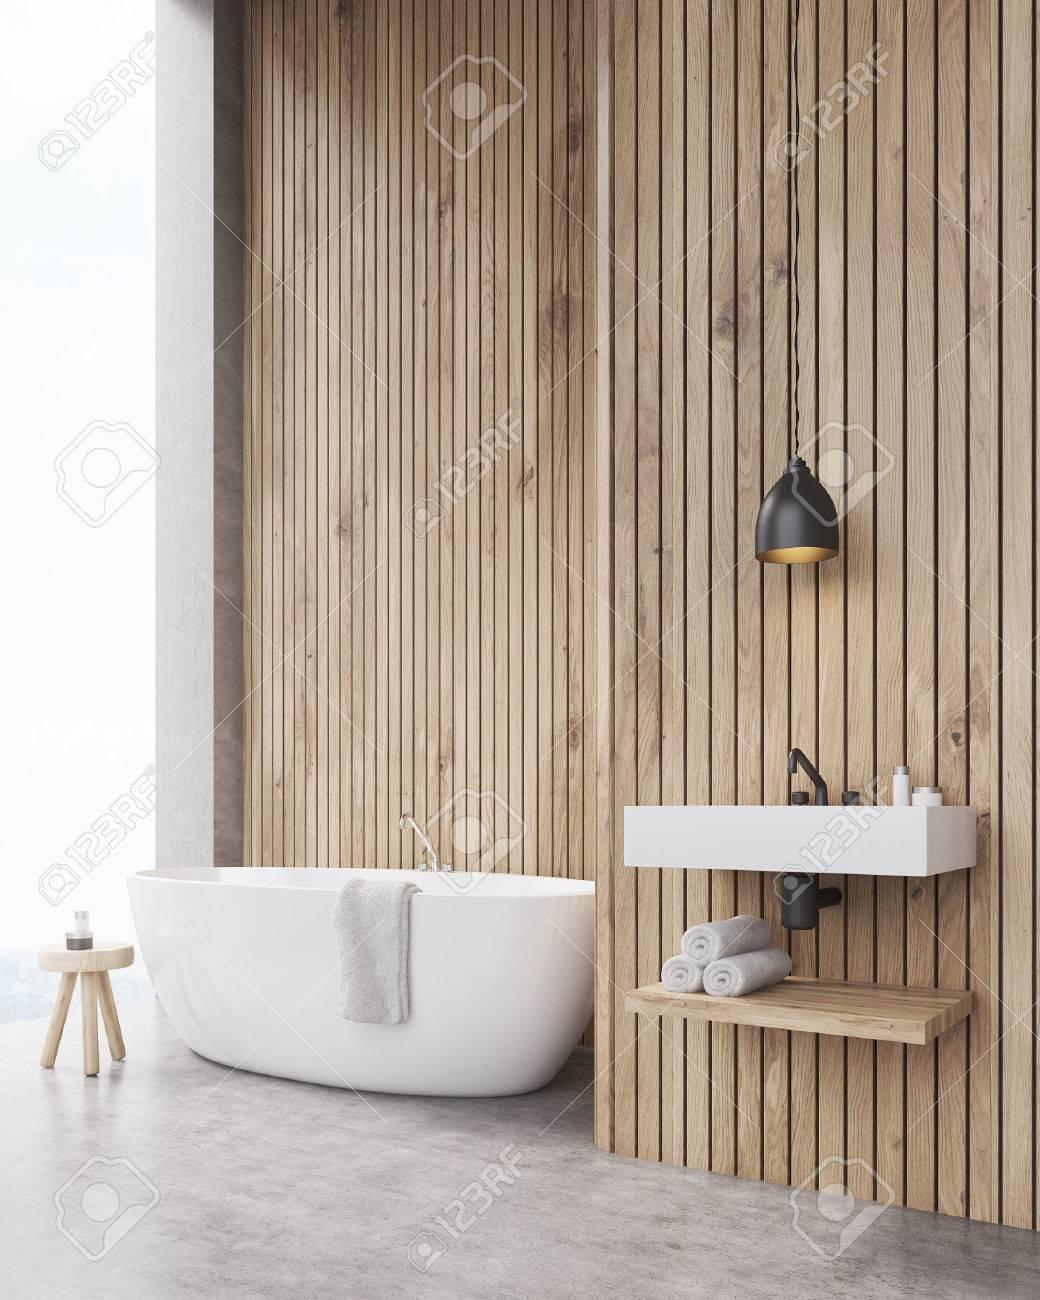 banque dimages intrieur de salle de bain avec murs en bois baignoire lavabo et tagre pour serviettes concept de dtente maquette rendu 3d